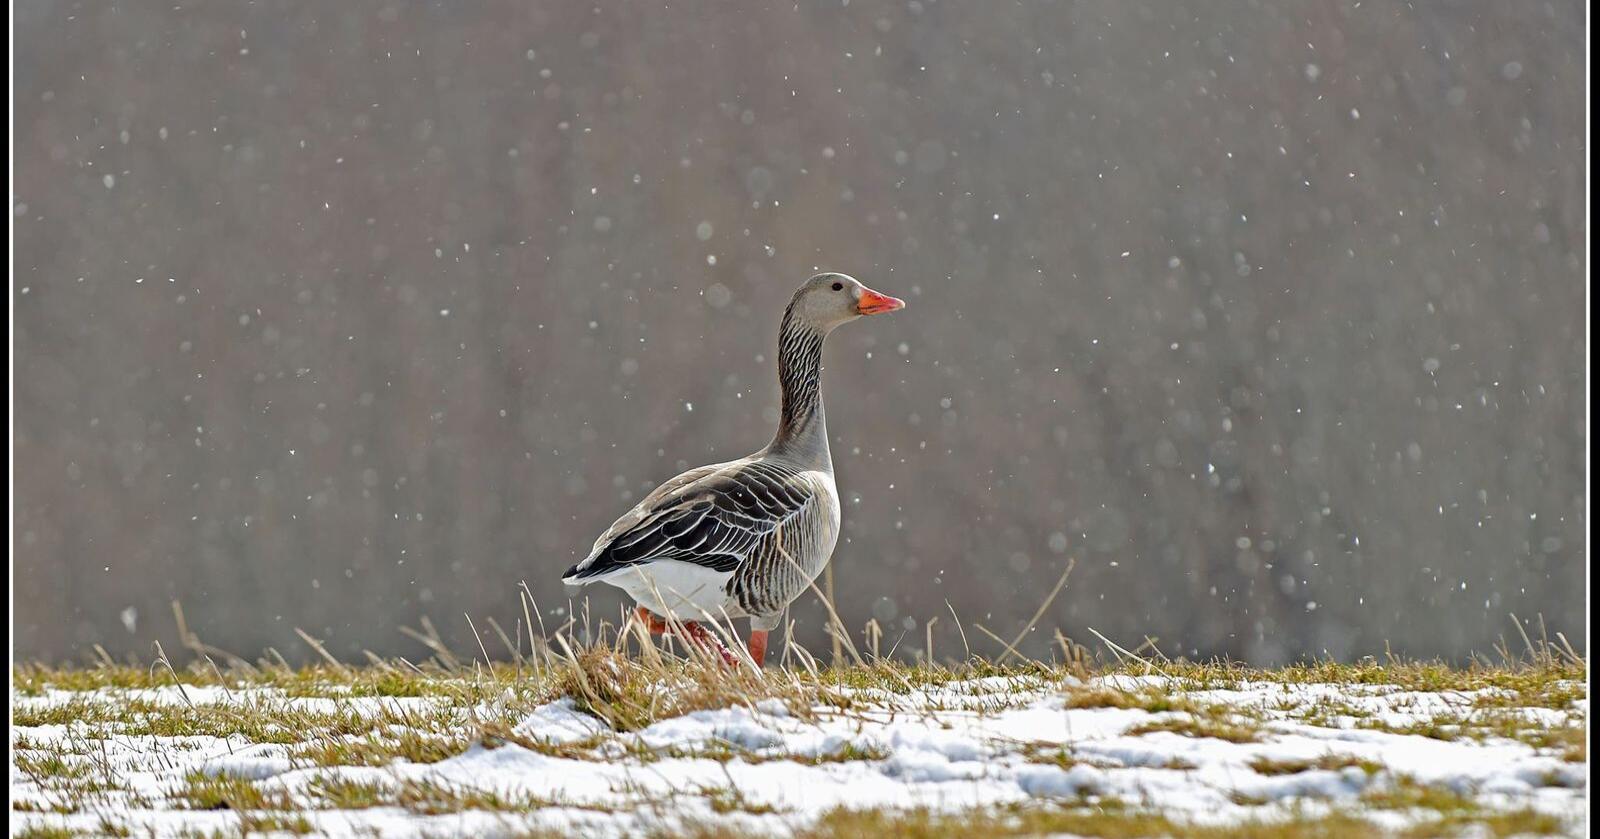 Ny tilfeller av fugleinfluensavirus oppdaget på nyåret, bidrar til at de nåværende restriksjonene på norske fjørfebesetninger opprettholdes. Foto: Jo Jorem Aarseth